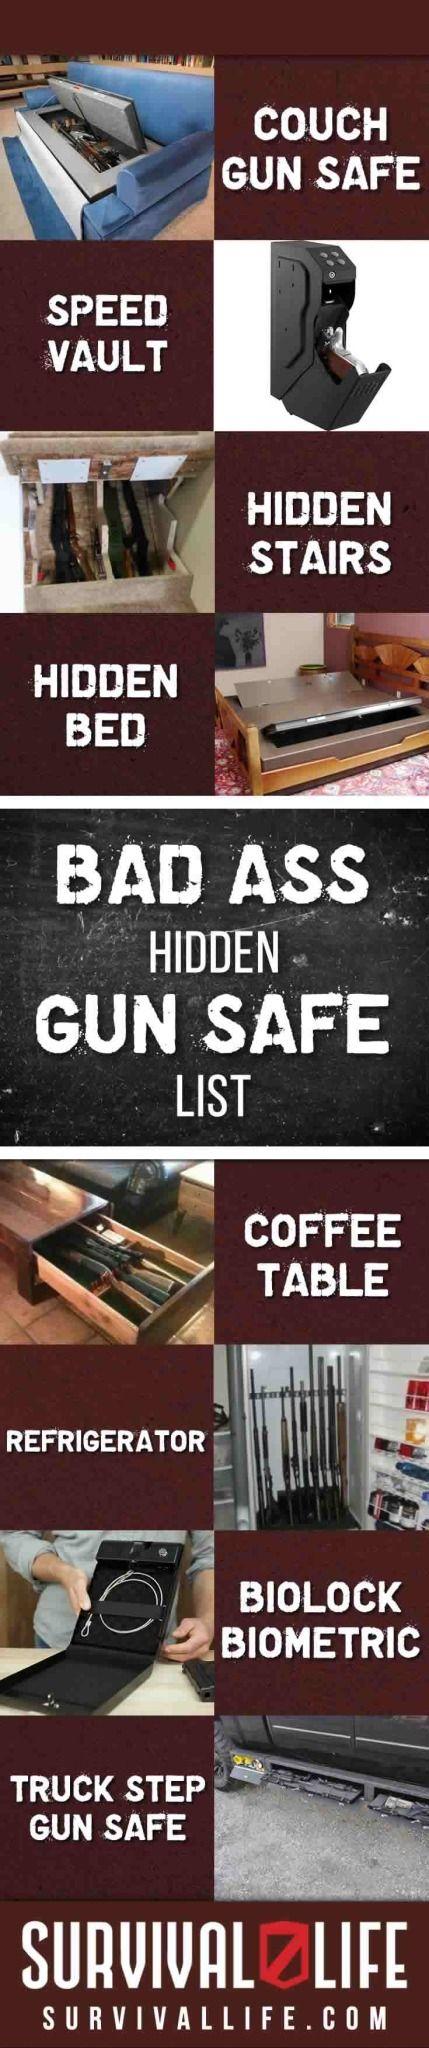 Badass Hidden Gun Safe List | Survival Life